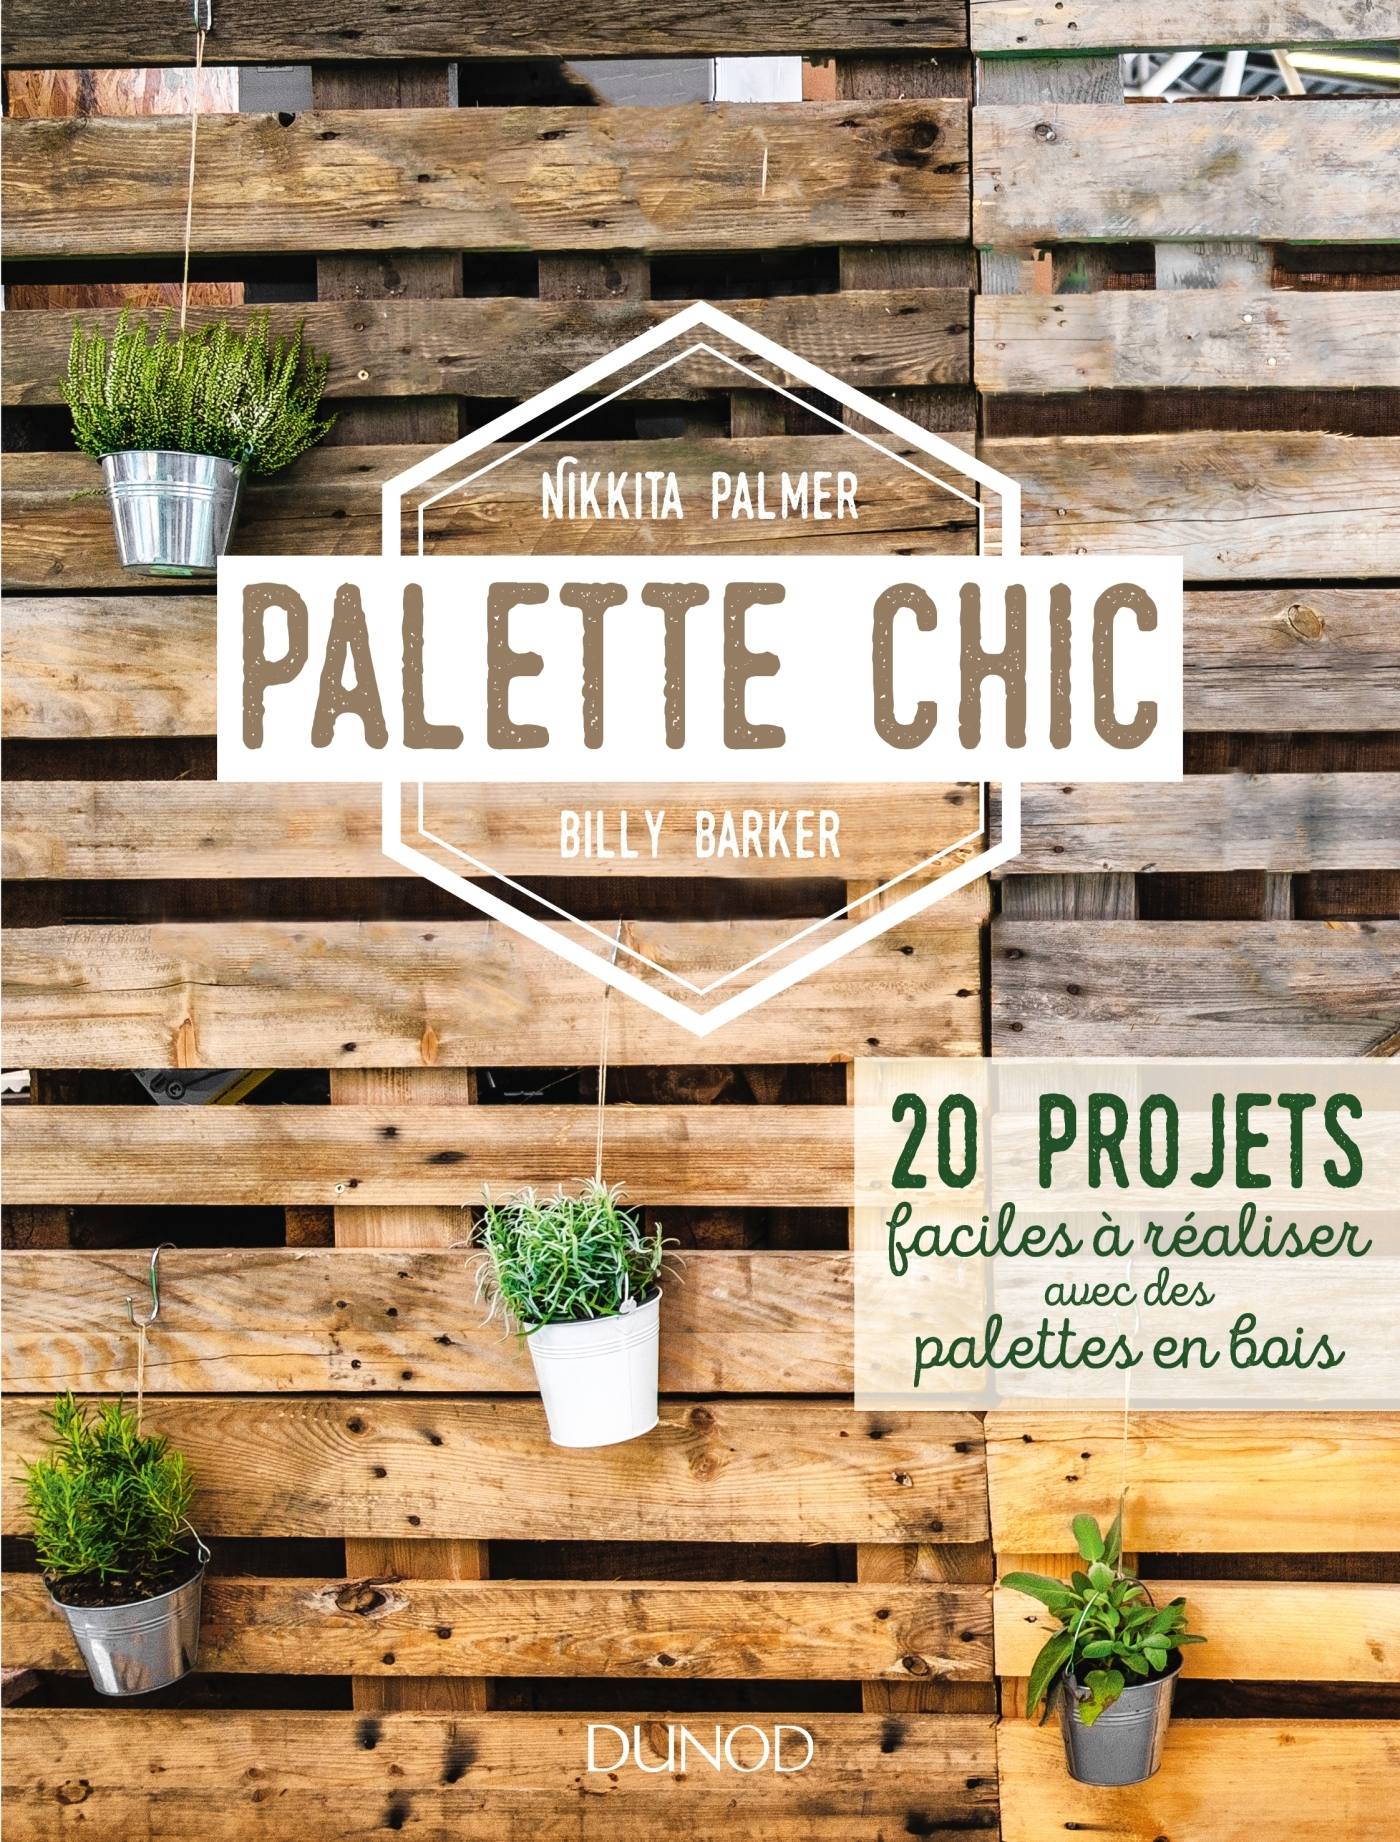 PALETTE CHIC - 20 PROJETS FACILES A REALISER AVEC DES PALETTES EN BOIS